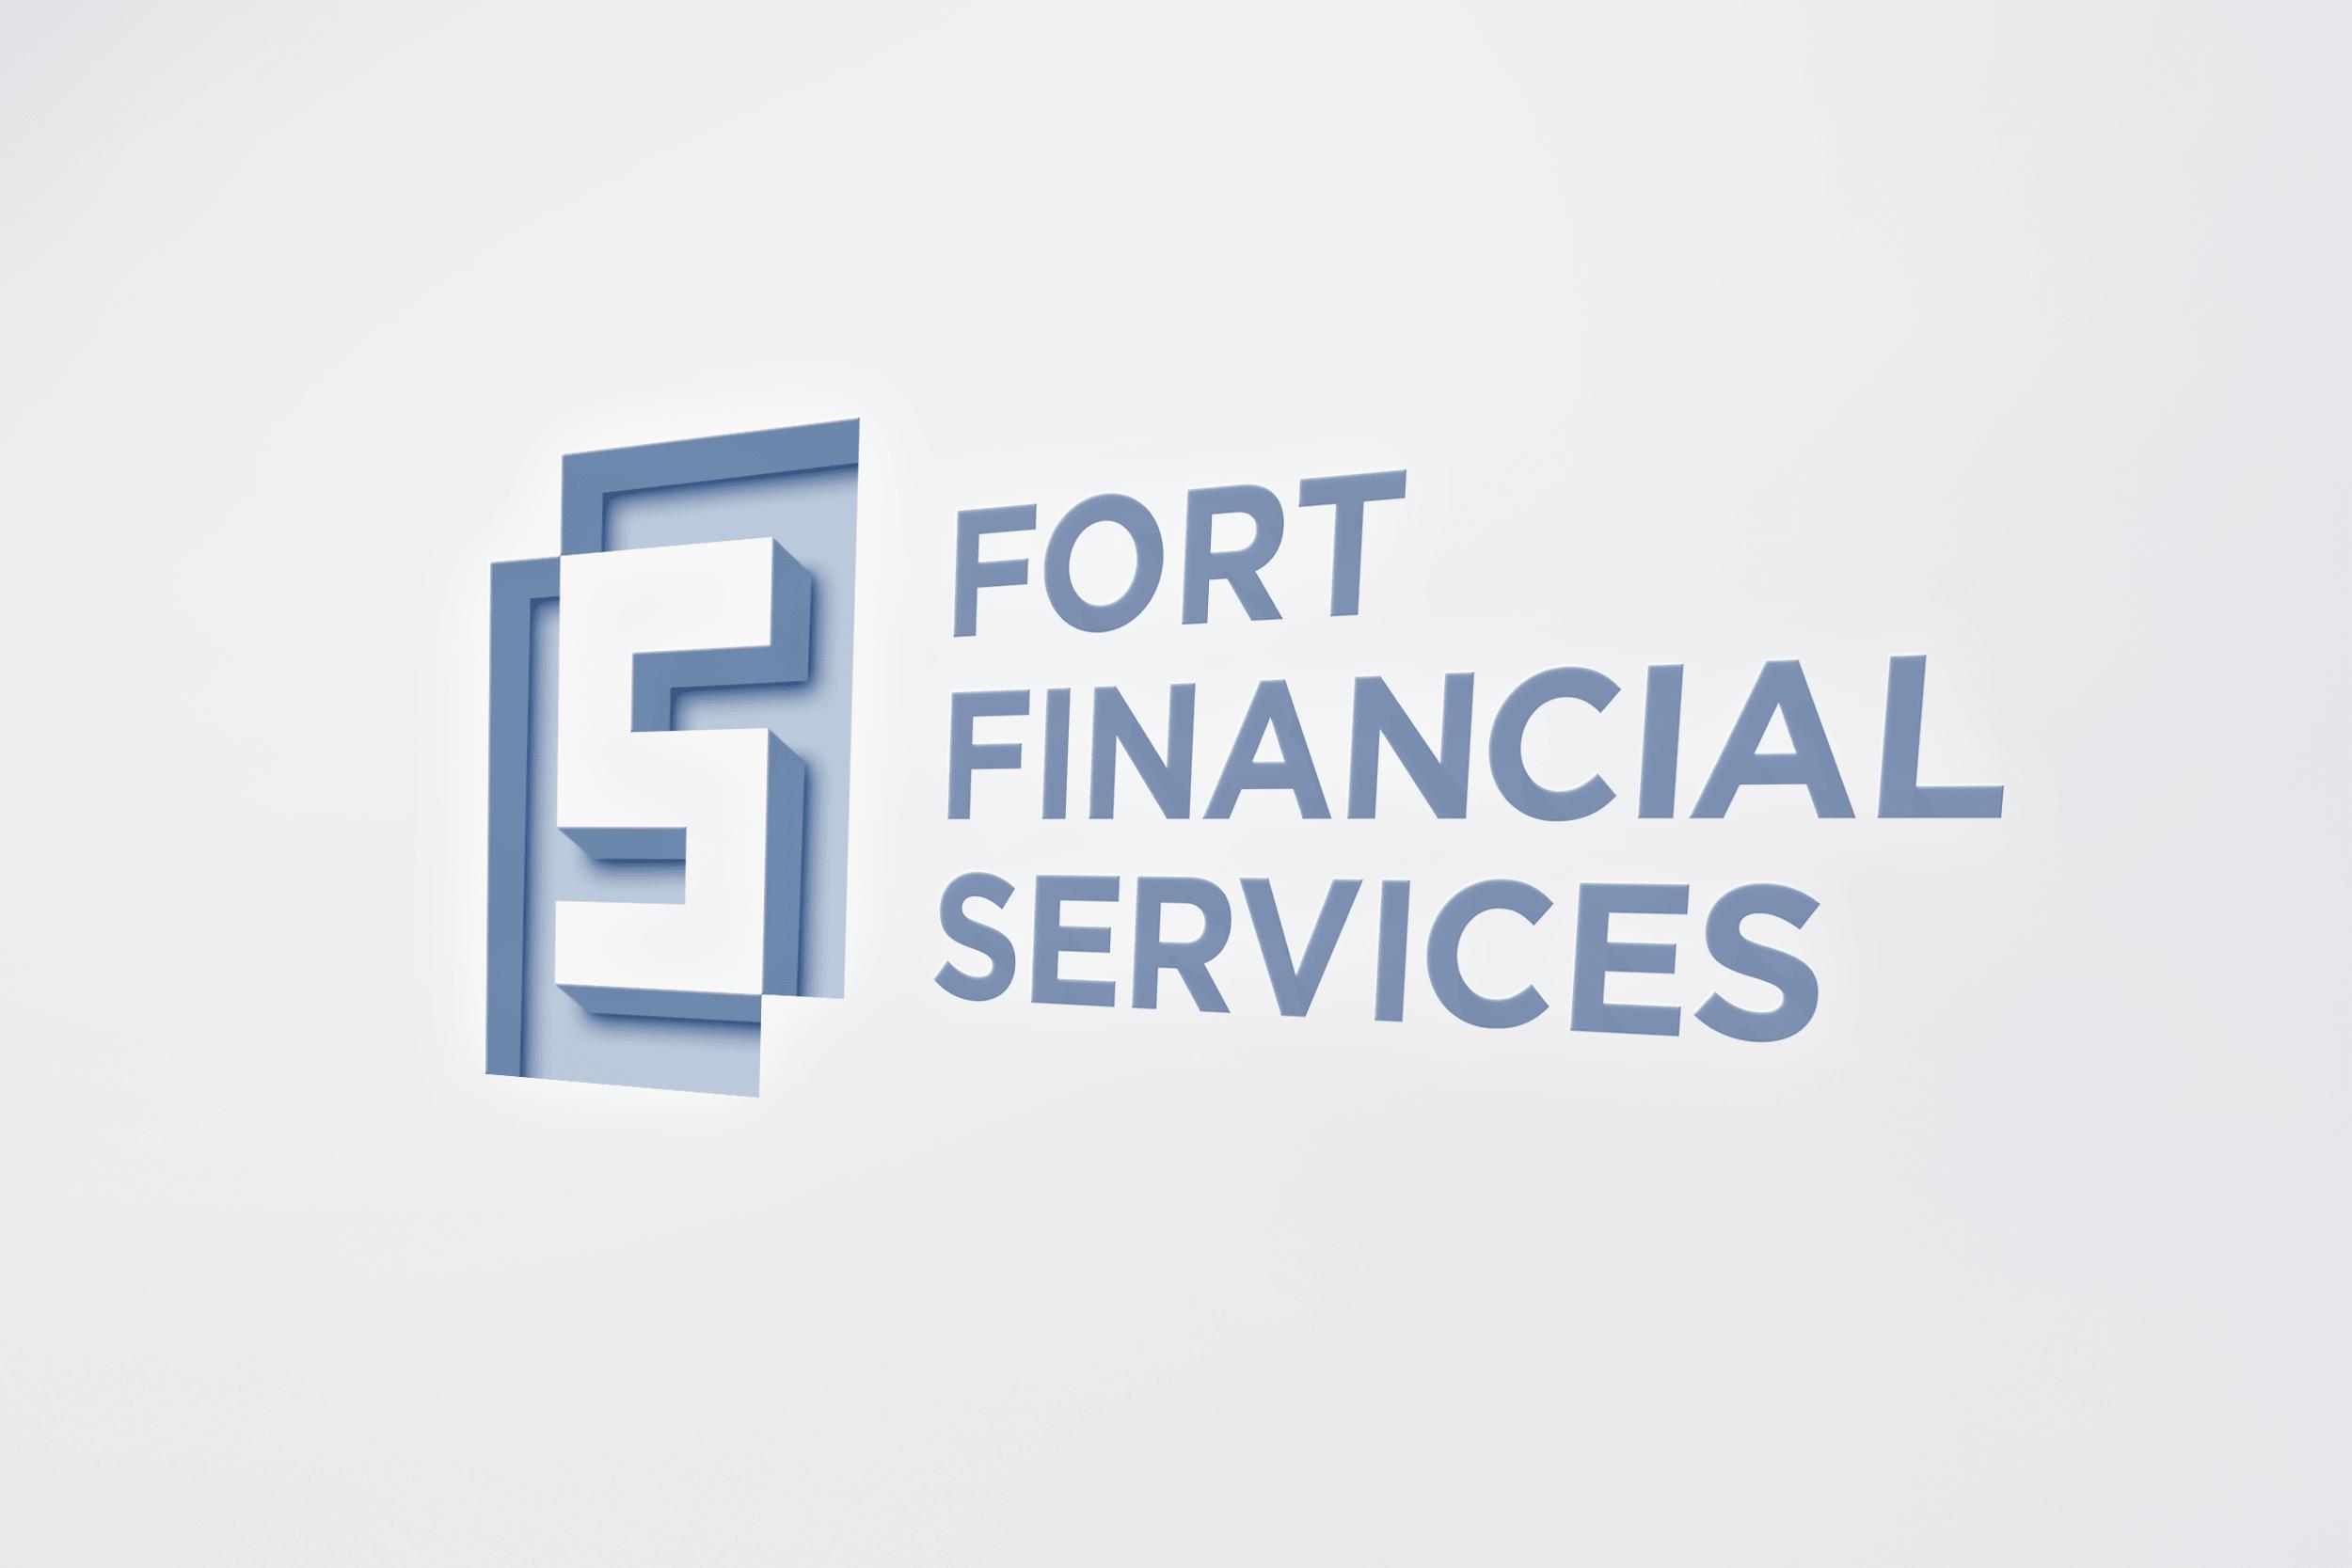 Обзор Fort Financial Services: что предлагает форекс-брокер?